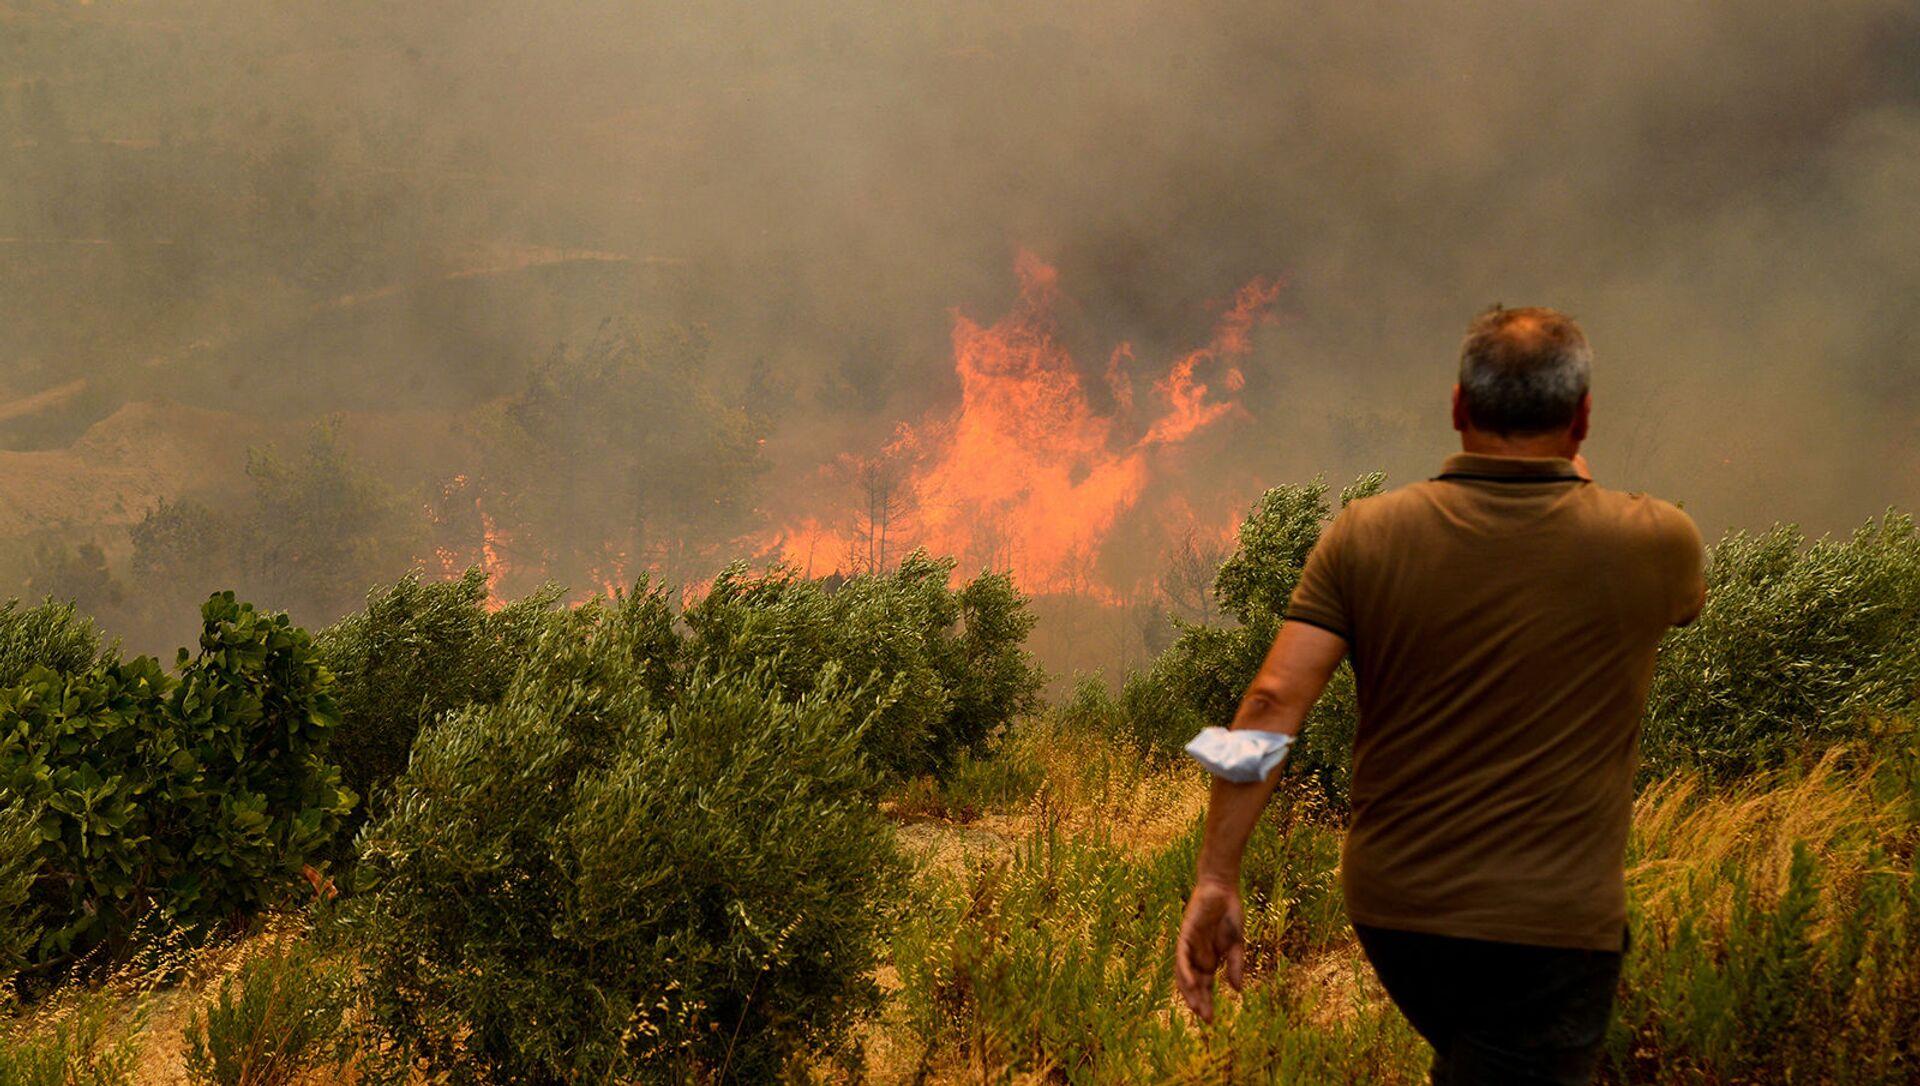 Мкжчина на фоне лесного пожара (29 июля 2021). Турция - Sputnik Արմենիա, 1920, 05.08.2021